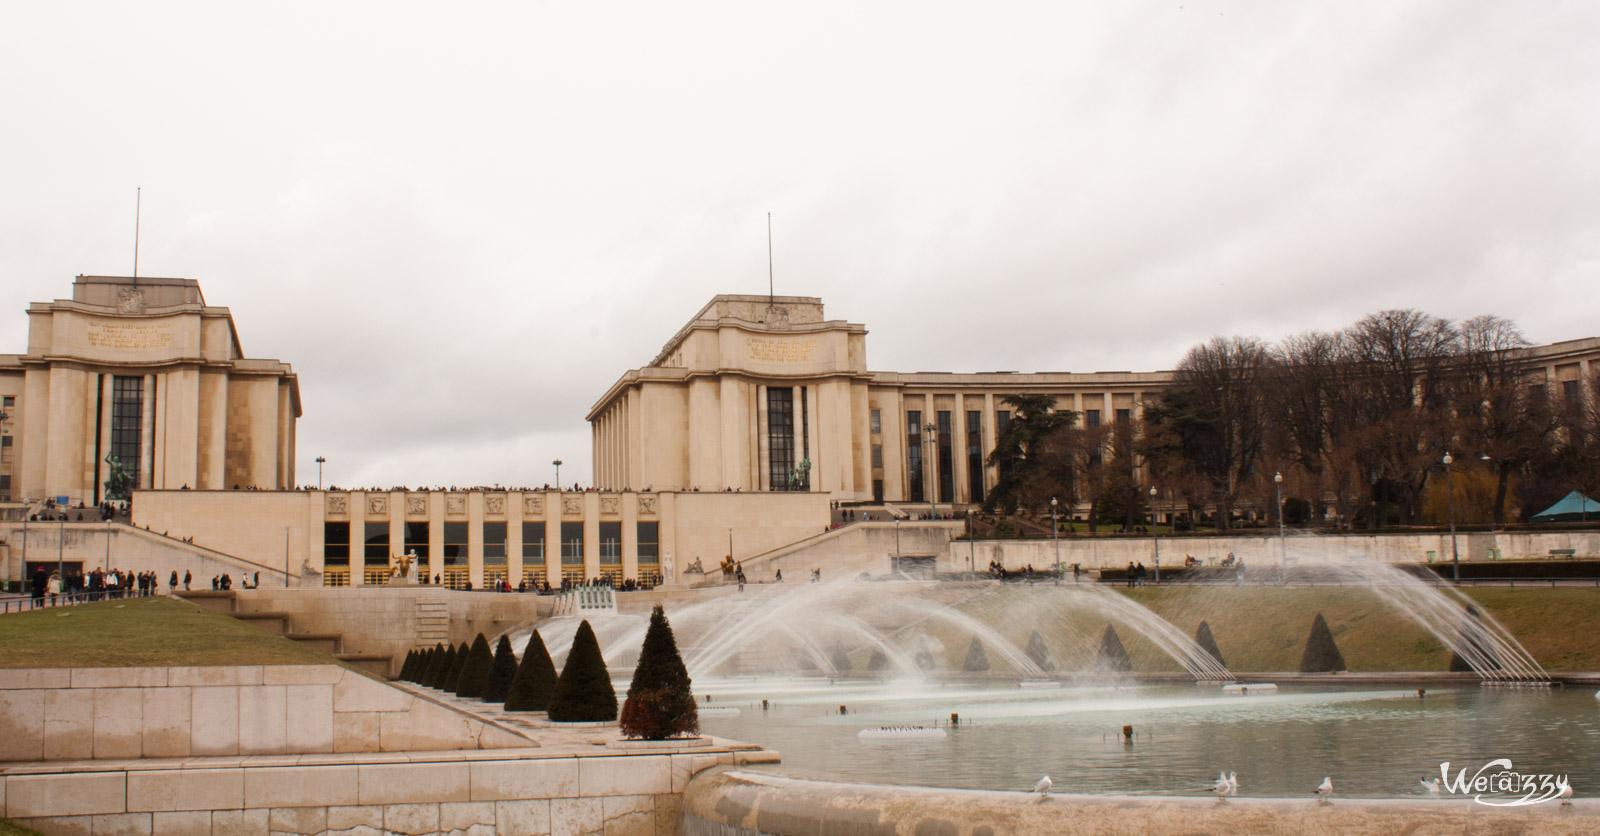 Musée de l'homme & sa fontaine